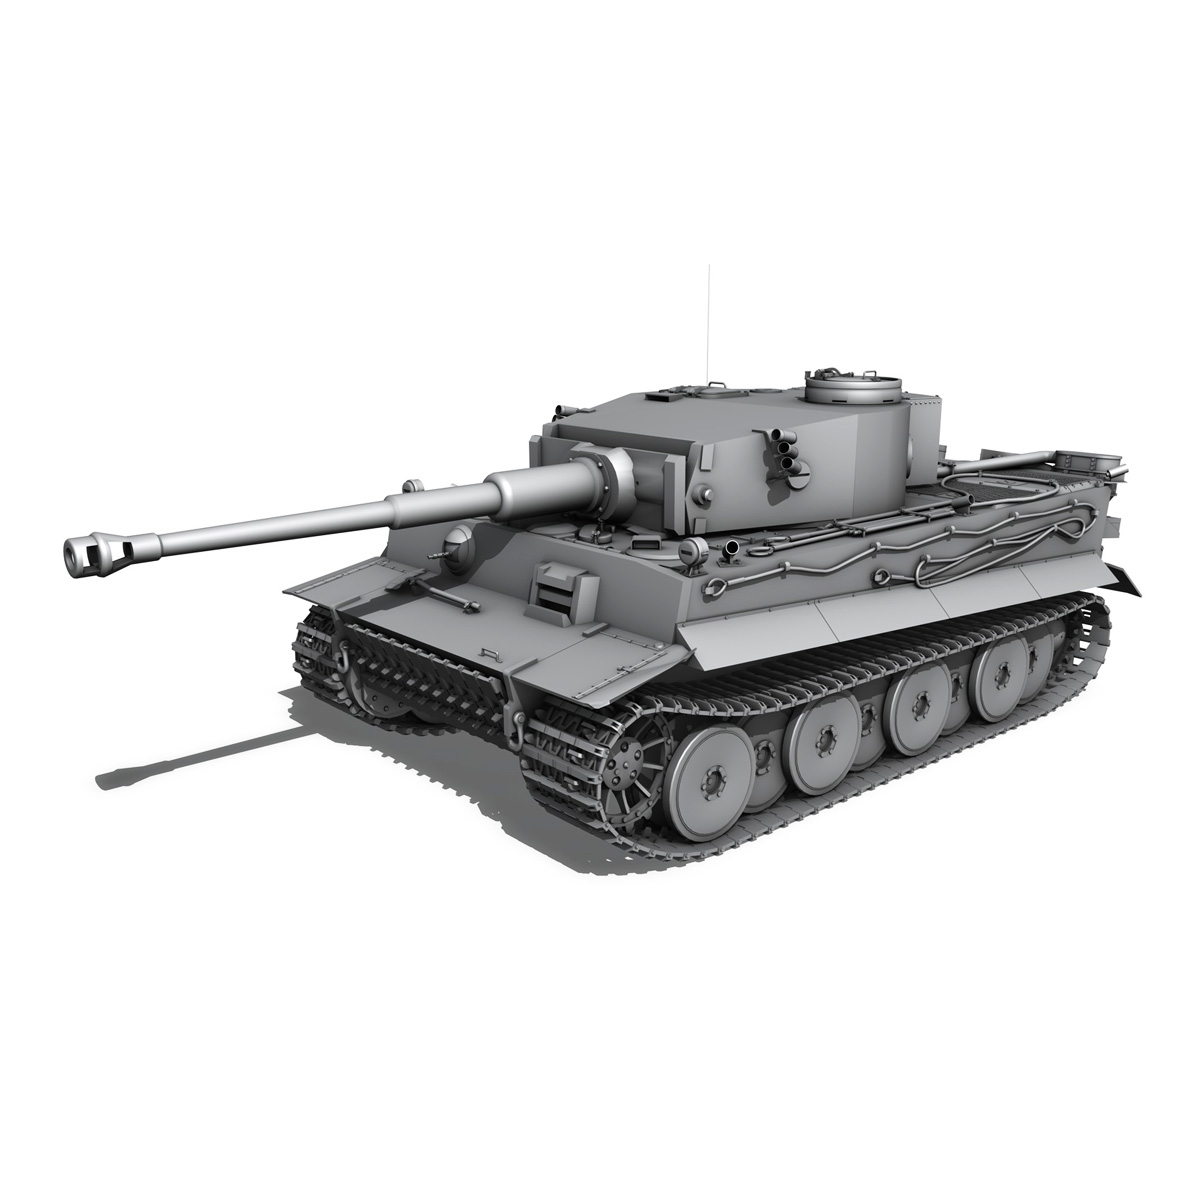 panzer vi – tiger – early production 3d model 3ds fbx c4d lwo obj 202259